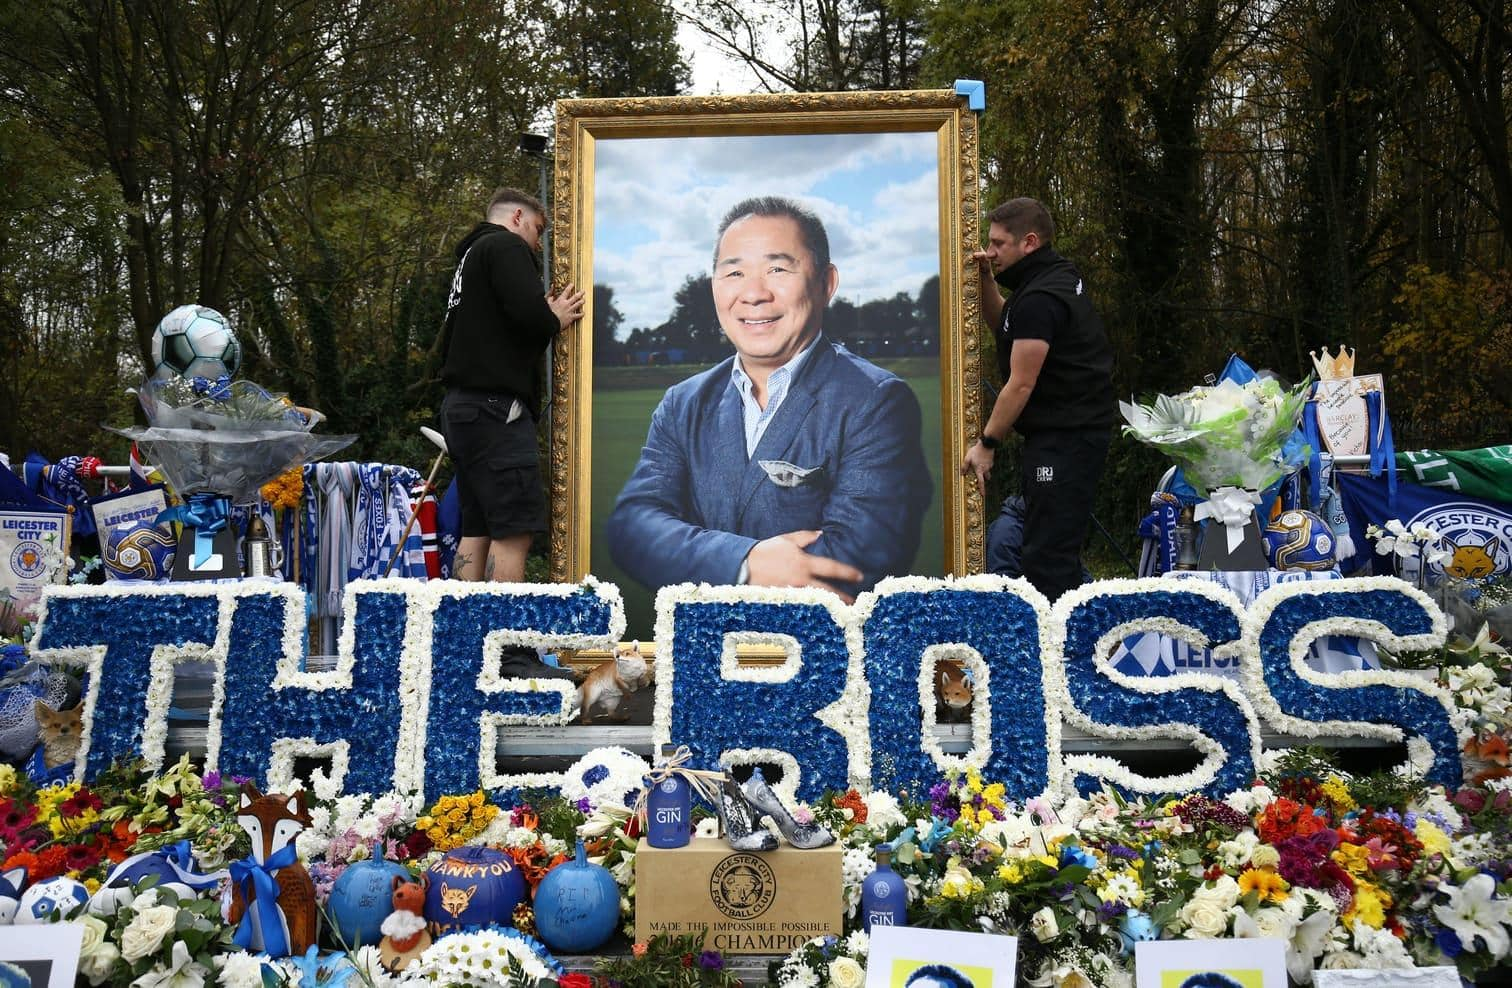 <p>Der englische Fußballverein Leicester City und Tausende Fans haben am Samstag beim ersten Heimspiel nach dem Tod von Klubeigner Vichai Srivaddhanaprabha Abschied von dem thailändischen Milliardär genommen.</p> Foto: dpa/RMV